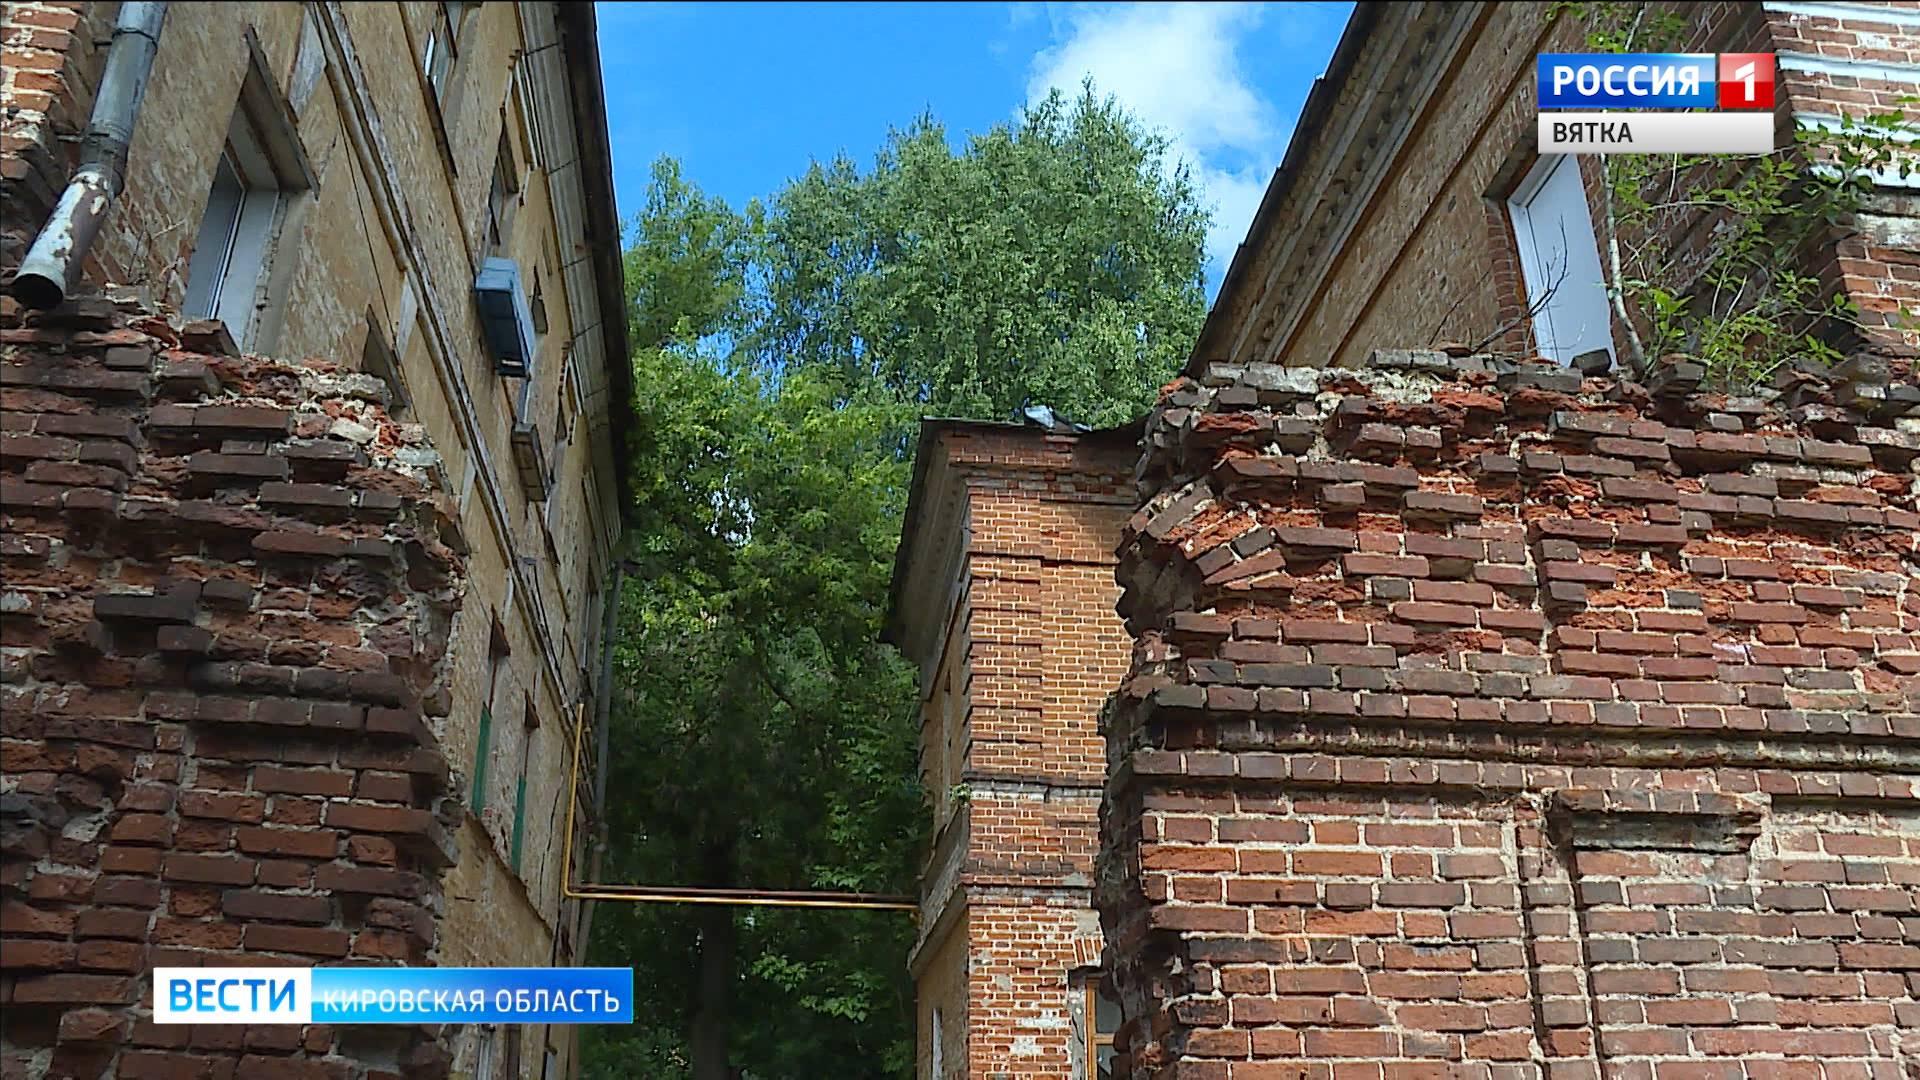 Волонтеры возьмутся за восстановление части вятского кремля